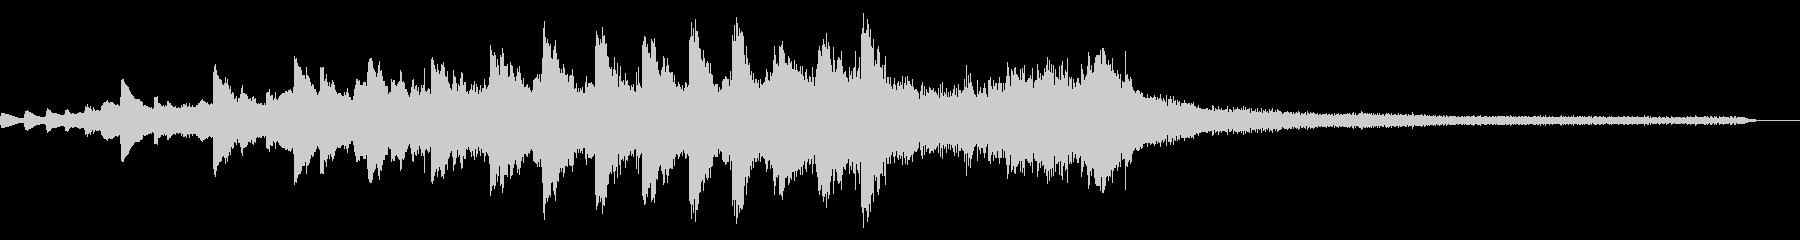 舞う和風ジングル24-ピアノソロの未再生の波形